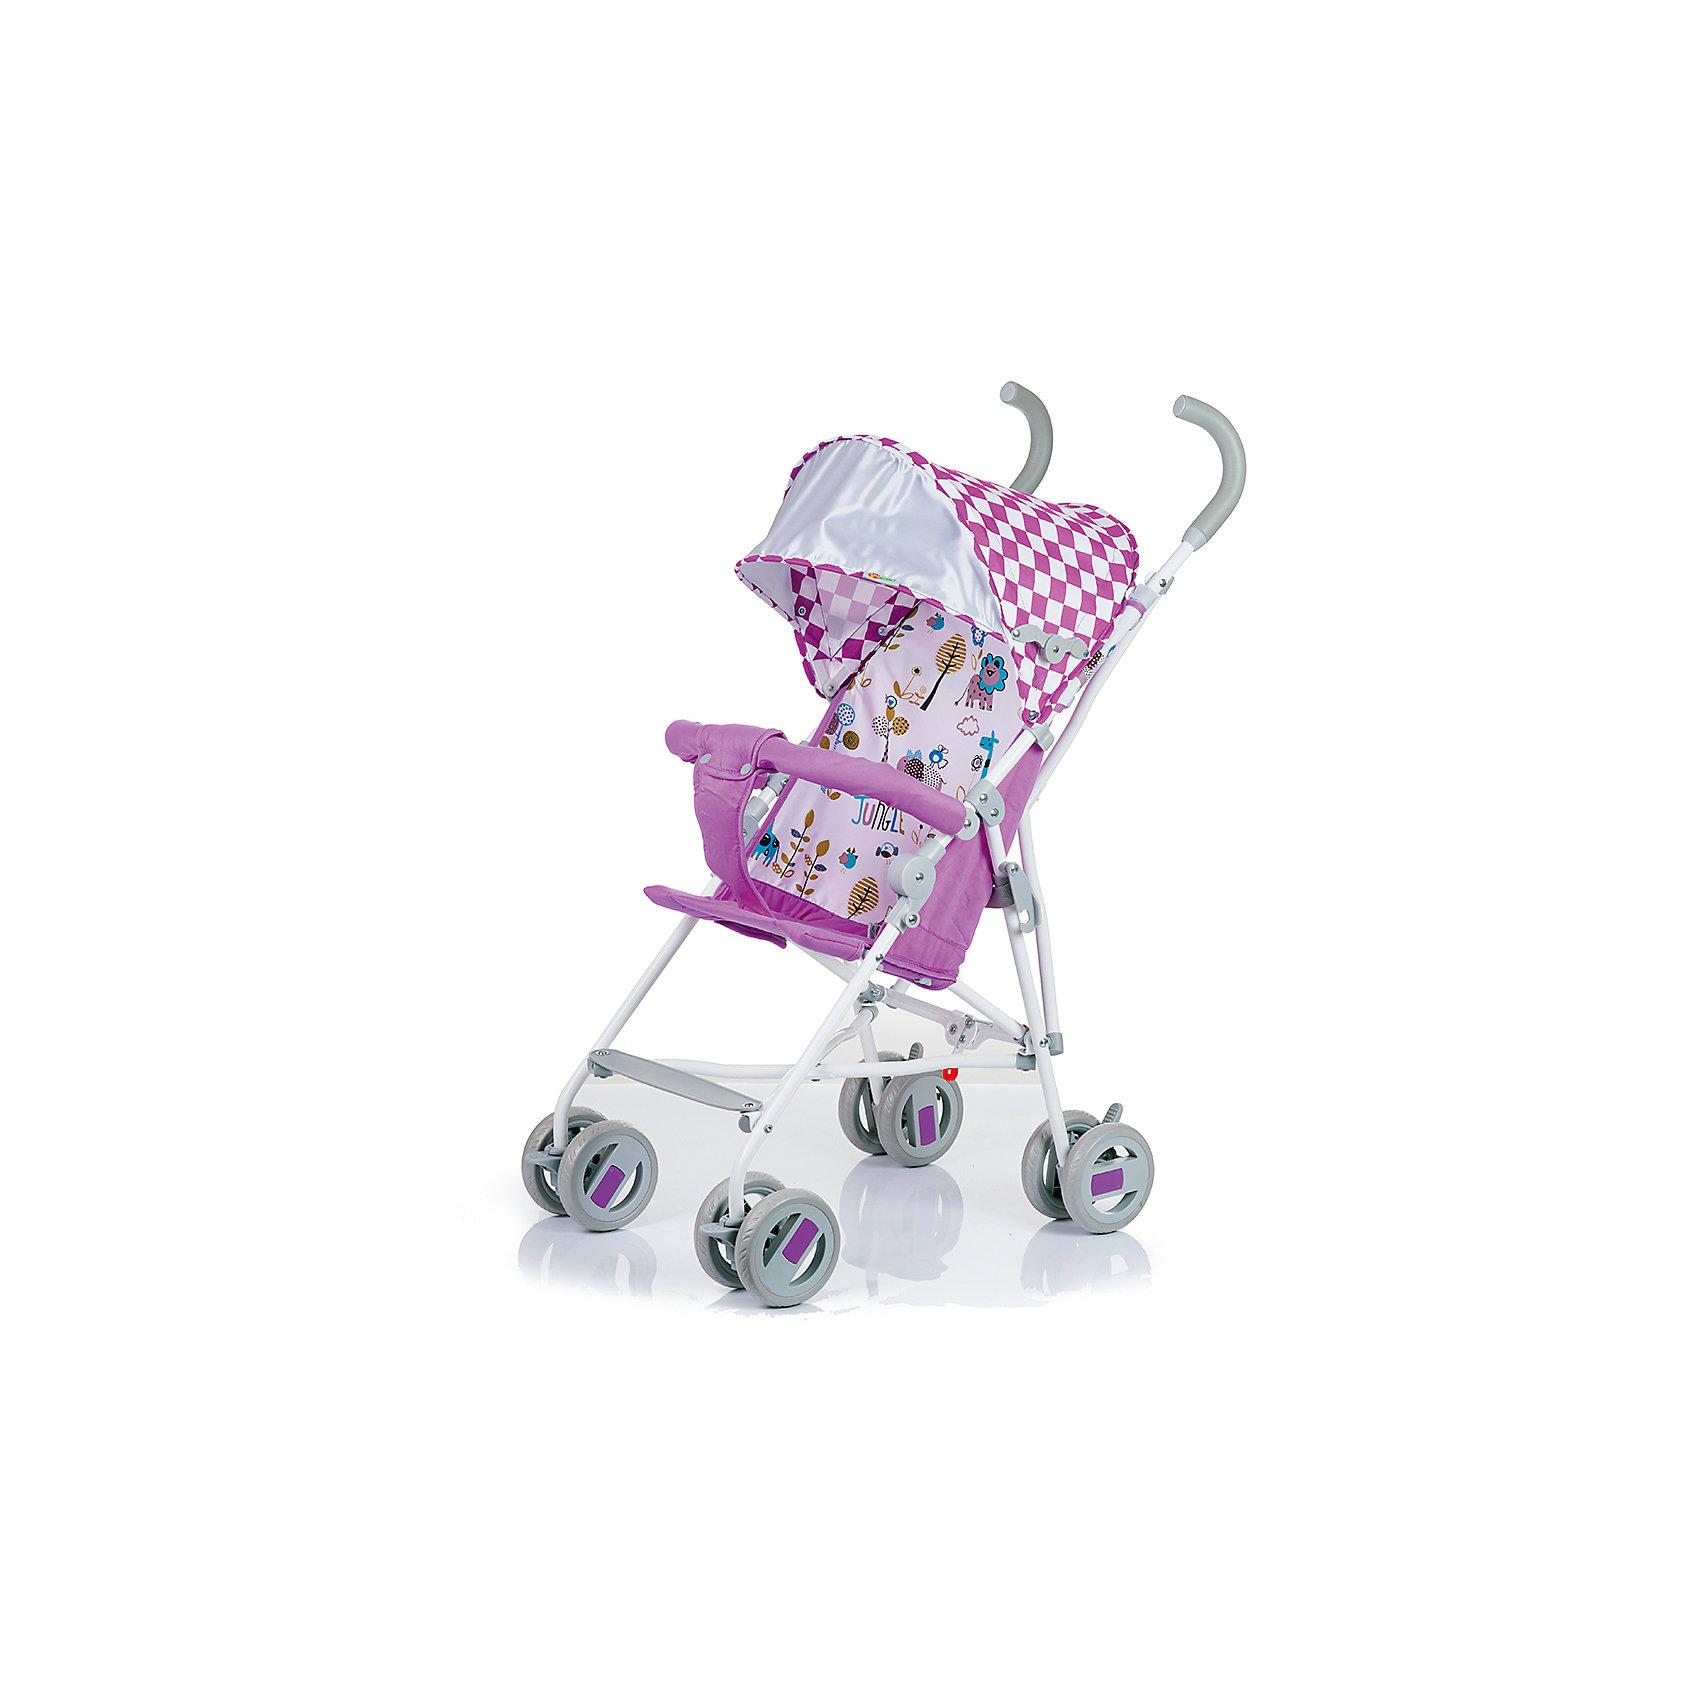 Коляска-трость BabyHit WEENY, бело-розовыйКоляски-трости<br>Характеристики коляски:<br><br>• защитный бампер с мягким разделителем;<br>• защитный поясной ремень;<br>• капюшон оснащен широким солнцезащитным козырьком;<br>• малыш может поставить ножки на пластиковую подножку;<br>• сдвоенные колеса на передней и задней оси;<br>• передние «плавающие» колеса с фиксаторами;<br>• ножной тормоз;<br>• высота спинки: 46 см;<br>• диаметр колес: 12,7 см;<br>• тип складывания коляски: трость.<br><br>Обратите внимание: <br>• спинка и подножка коляски не регулируется;<br>• коляска без корзины для покупок.<br><br>Размер коляски: 75х45х93 см<br>Вес коляски: 4,1 кг<br>Размер коляски в сложенном виде: 109х29,5х27,5 см<br>Размер упаковки: 105х41х29 см<br>Вес в упаковке: 4,5 кг<br><br>Легкая и маневренная коляска-трость отлично подходит для путешествий с маленьким ребенком, не занимает много места в багажнике автомобиля, быстро складывается и раскладывается. Ребенок не соскользнет вниз благодаря защитному поручню с паховым ограничителем. Сдвоенные колеса можно зафиксировать, когда коляска едет по песку или гальке. Коляска оснащена тормозами на задних колесах. <br><br>Коляску-трость WEENY, Babyhit, бело-розовую можно купить в нашем интернет-магазине.<br><br>Ширина мм: 1050<br>Глубина мм: 290<br>Высота мм: 410<br>Вес г: 4625<br>Возраст от месяцев: 7<br>Возраст до месяцев: 36<br>Пол: Унисекс<br>Возраст: Детский<br>SKU: 5500322